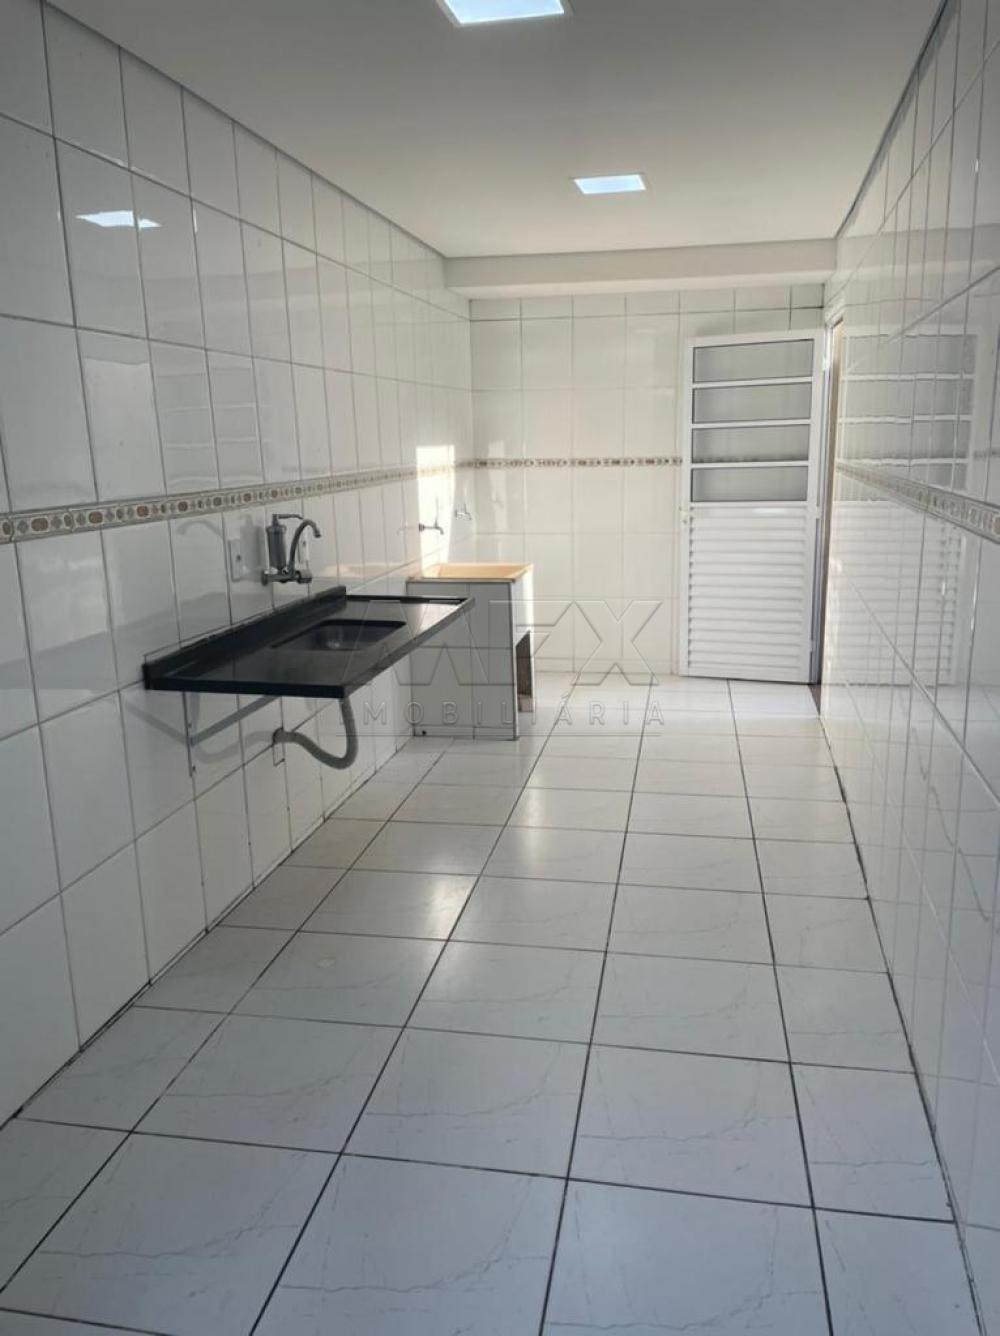 Comprar Casa / Padrão em Bauru R$ 275.000,00 - Foto 3